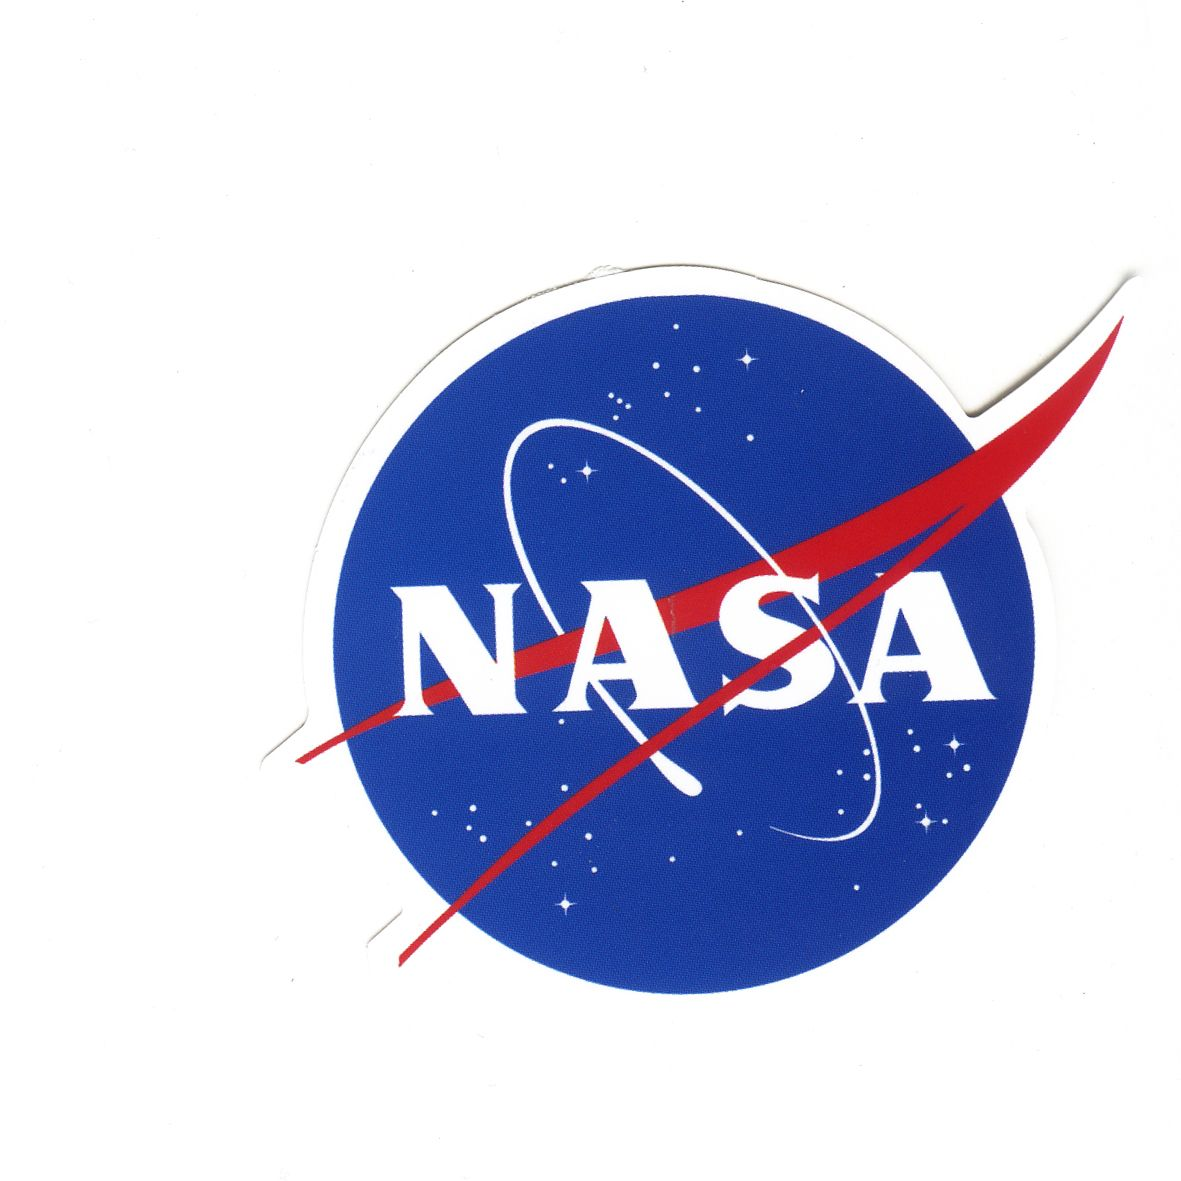 #1605 NASA Badge Logo , Height 8 cm decal sticker - DecalStar.com | DecalStar.com | Pinterest ...